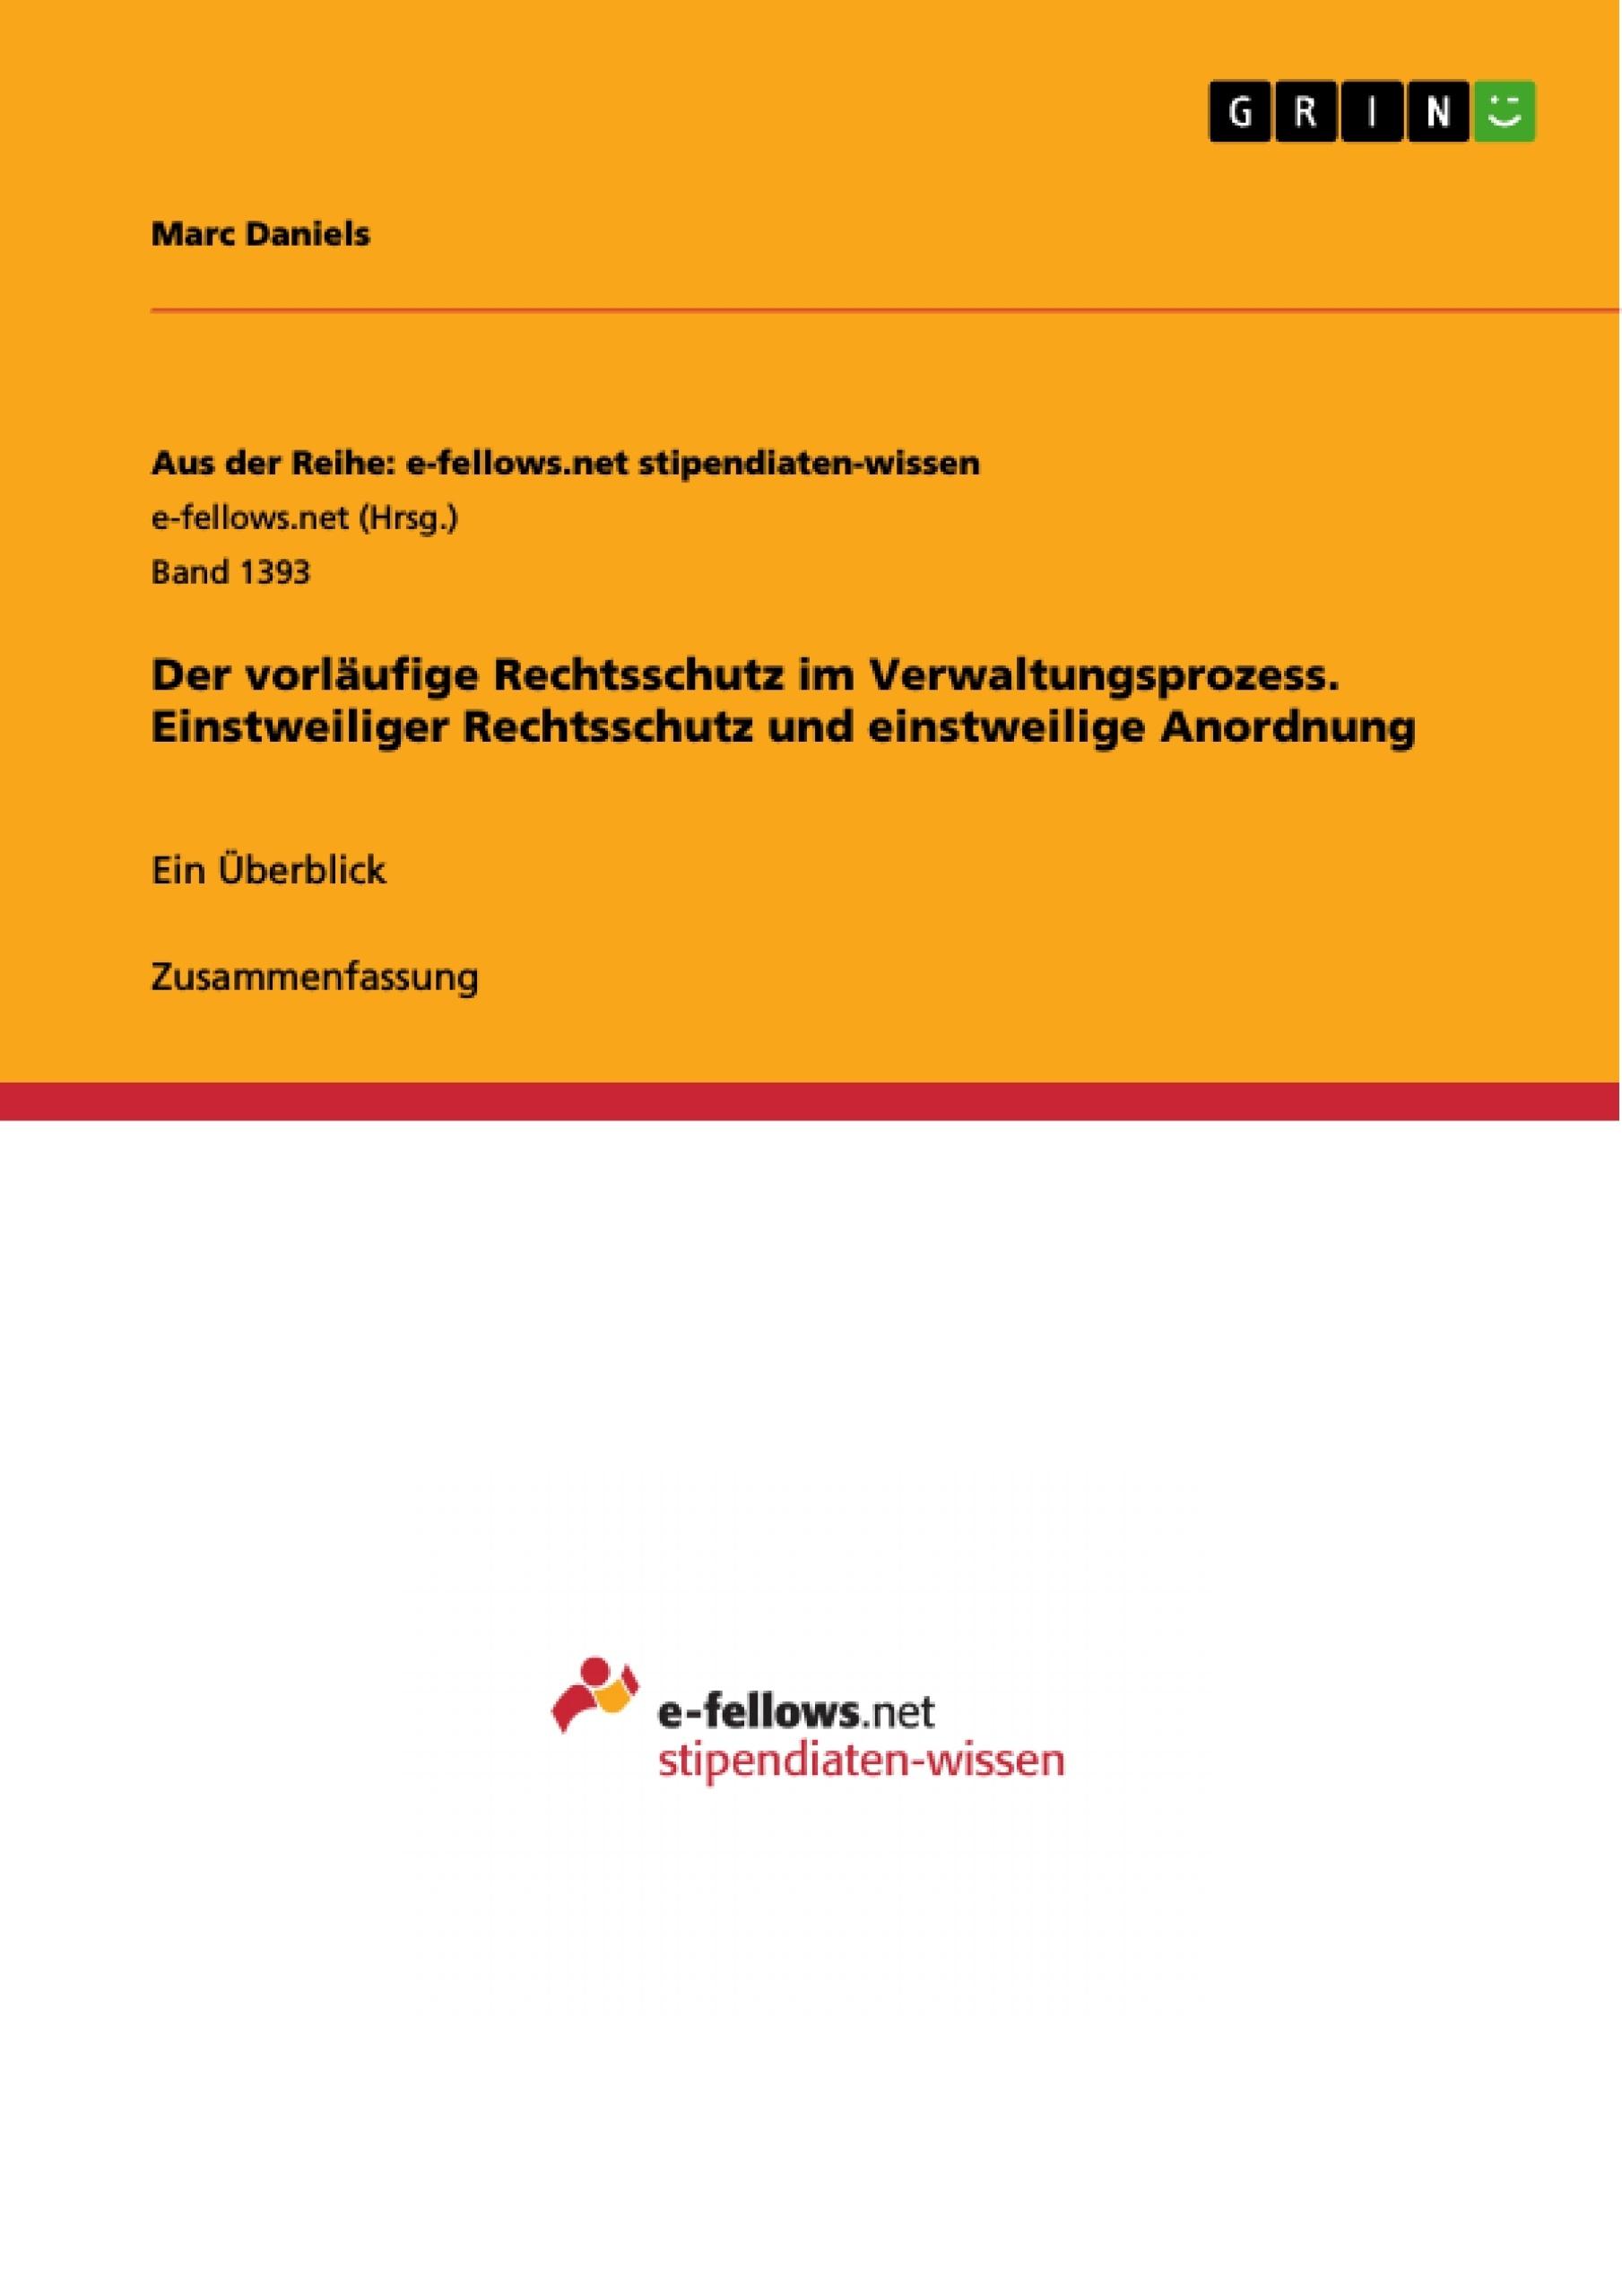 Titel: Der vorläufige Rechtsschutz im Verwaltungsprozess. Einstweiliger Rechtsschutz und einstweilige Anordnung